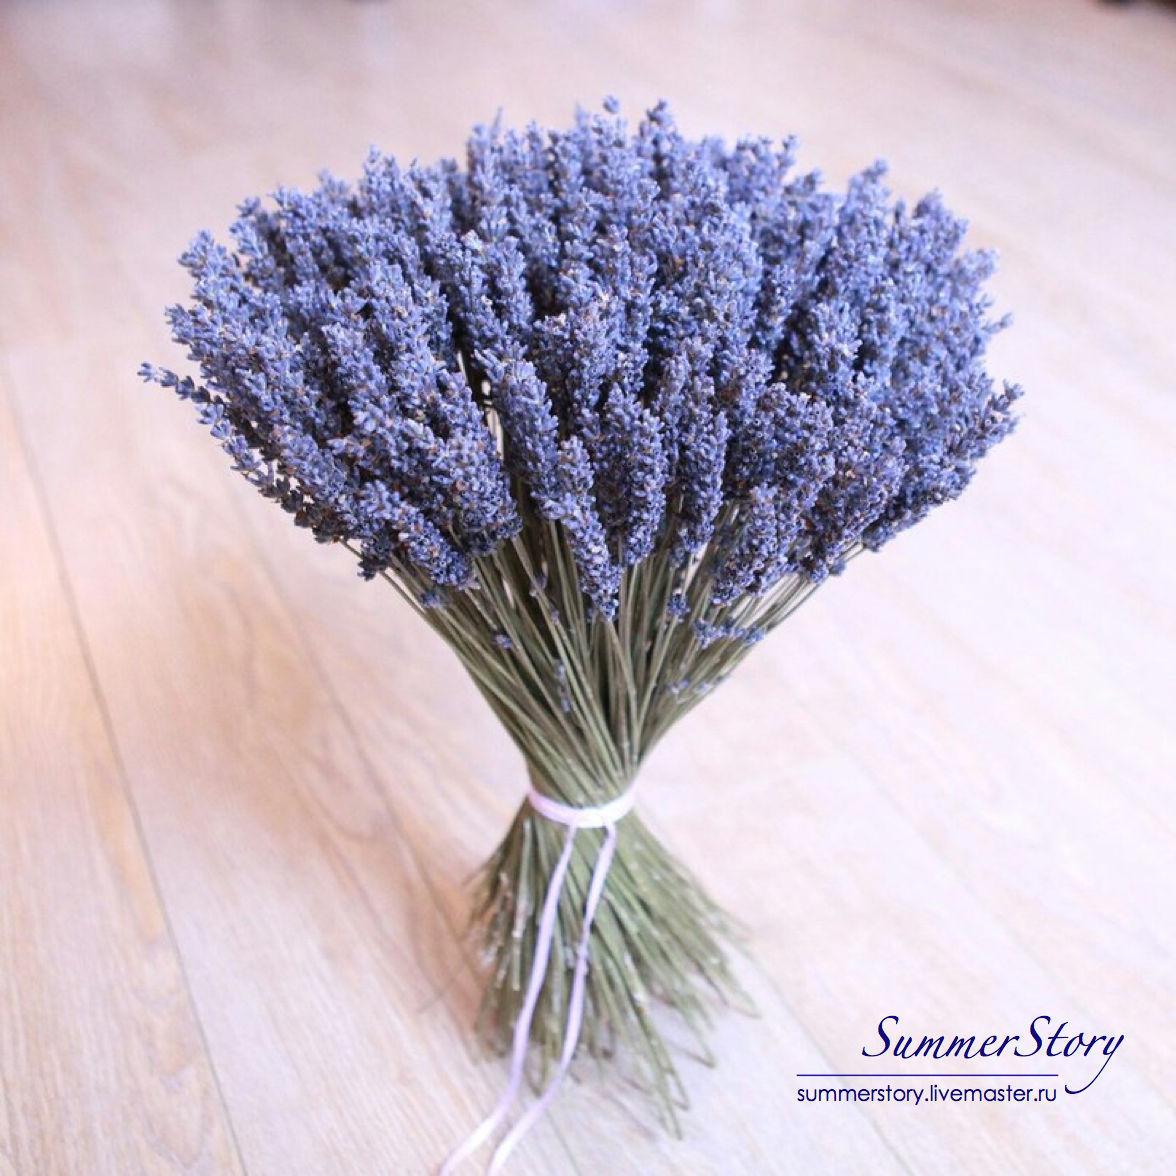 Цветы букет с лавандой купить в москве цветы с доставкой в ростове на дону на северном